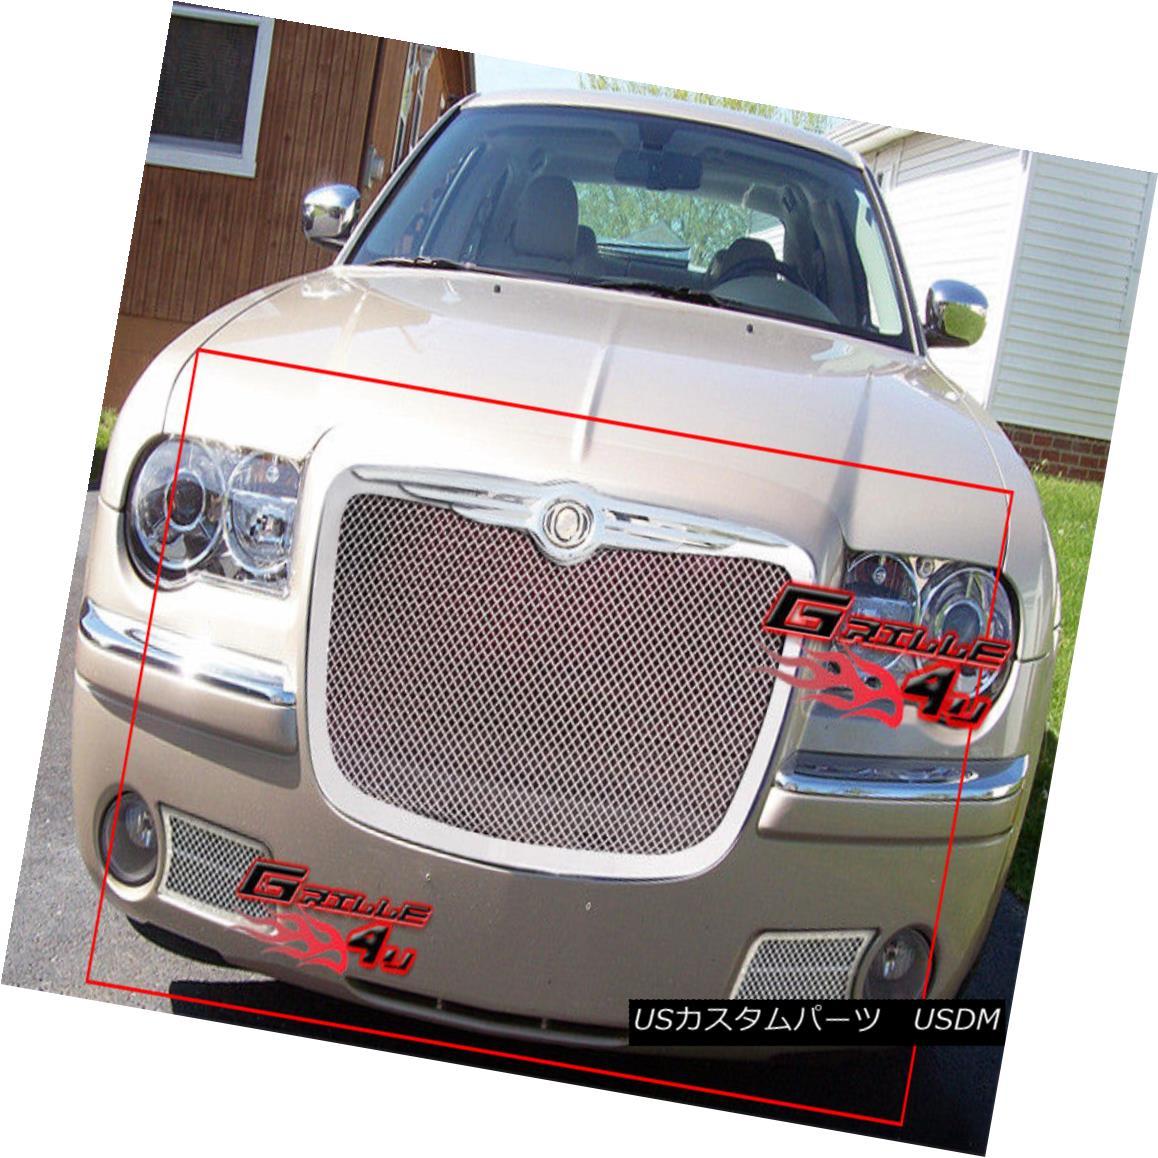 グリル Fits 2005-2010 Chrysler 300C Stainless Steel Mesh Grille Combo 適合2005-2010クライスラー300Cステンレススチールメッシュグリルコンボ